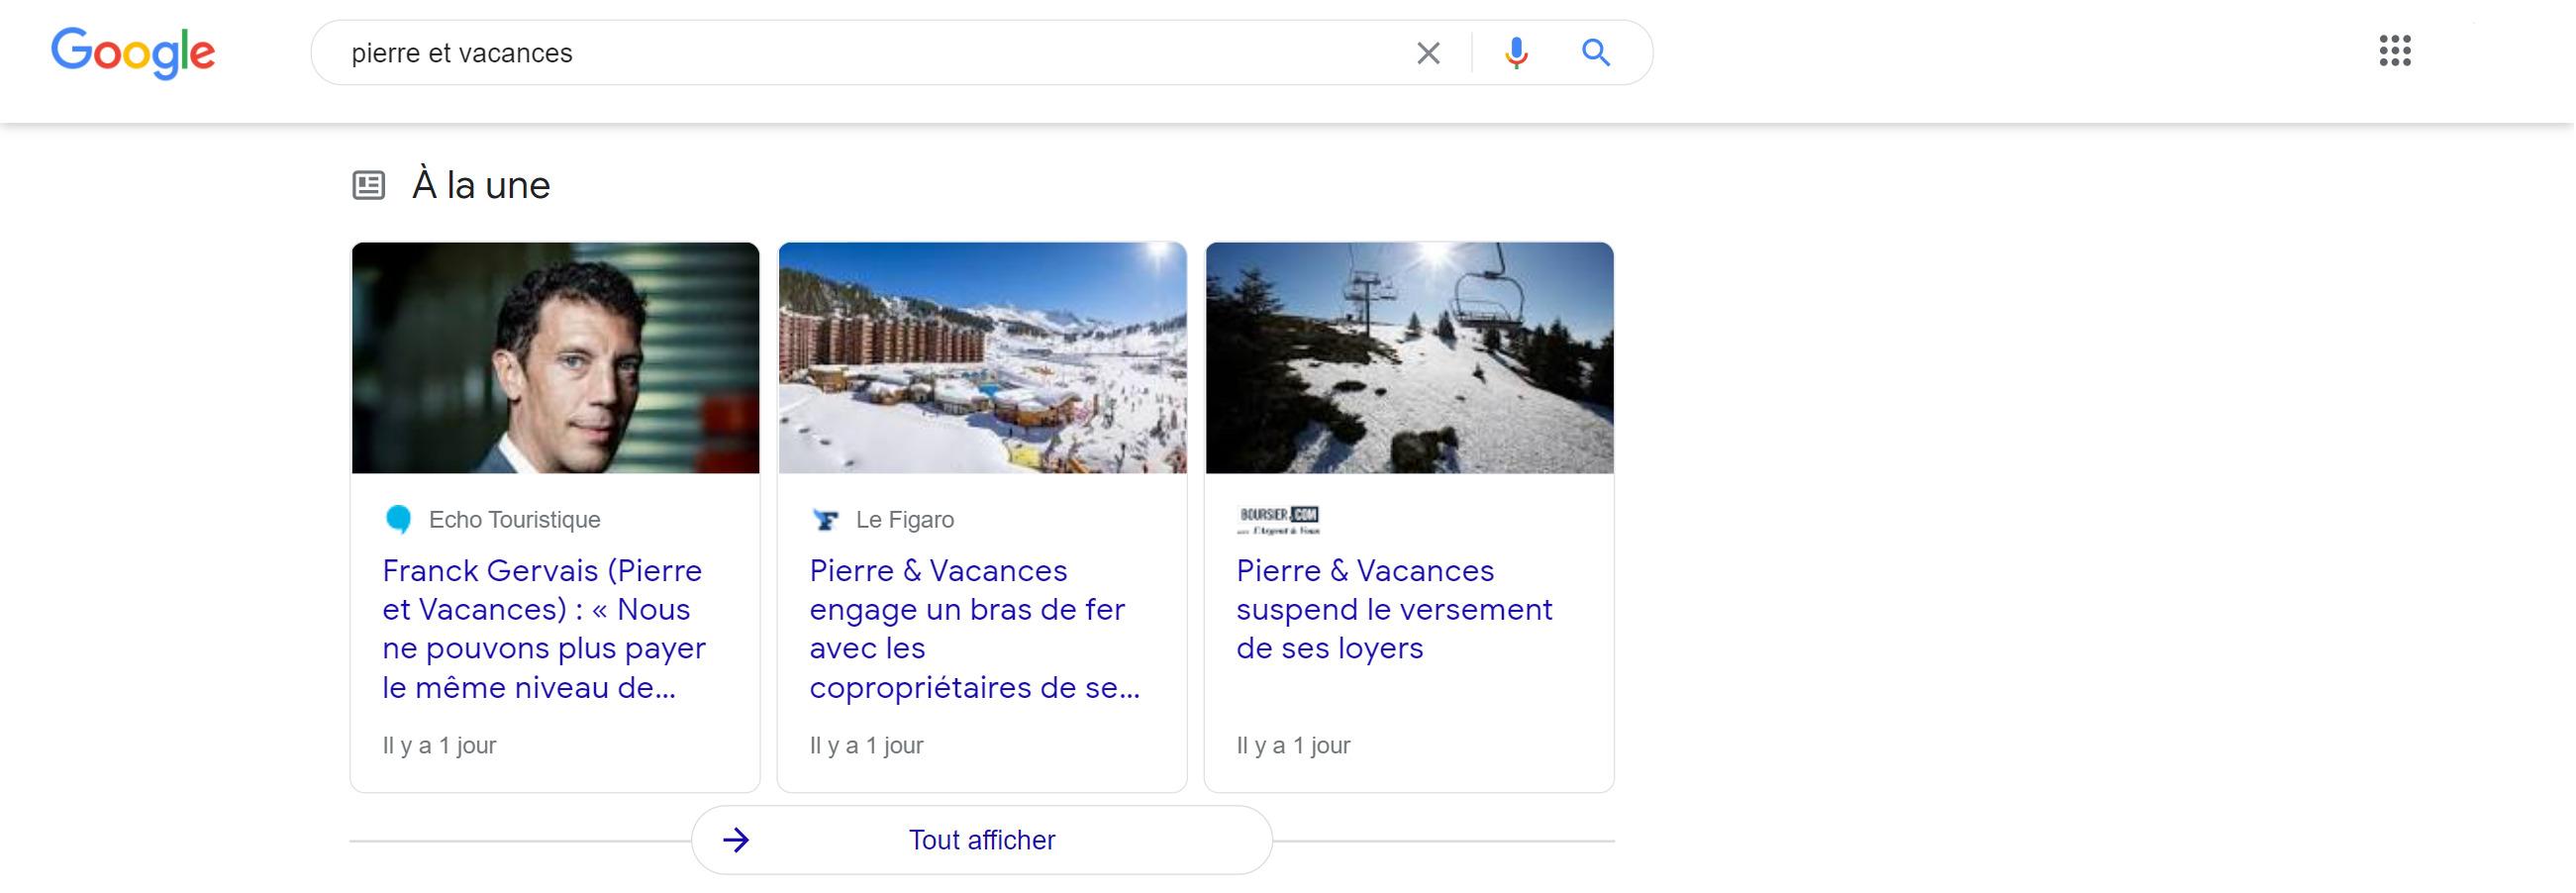 Box Actualité sur requête Pierre et vacances